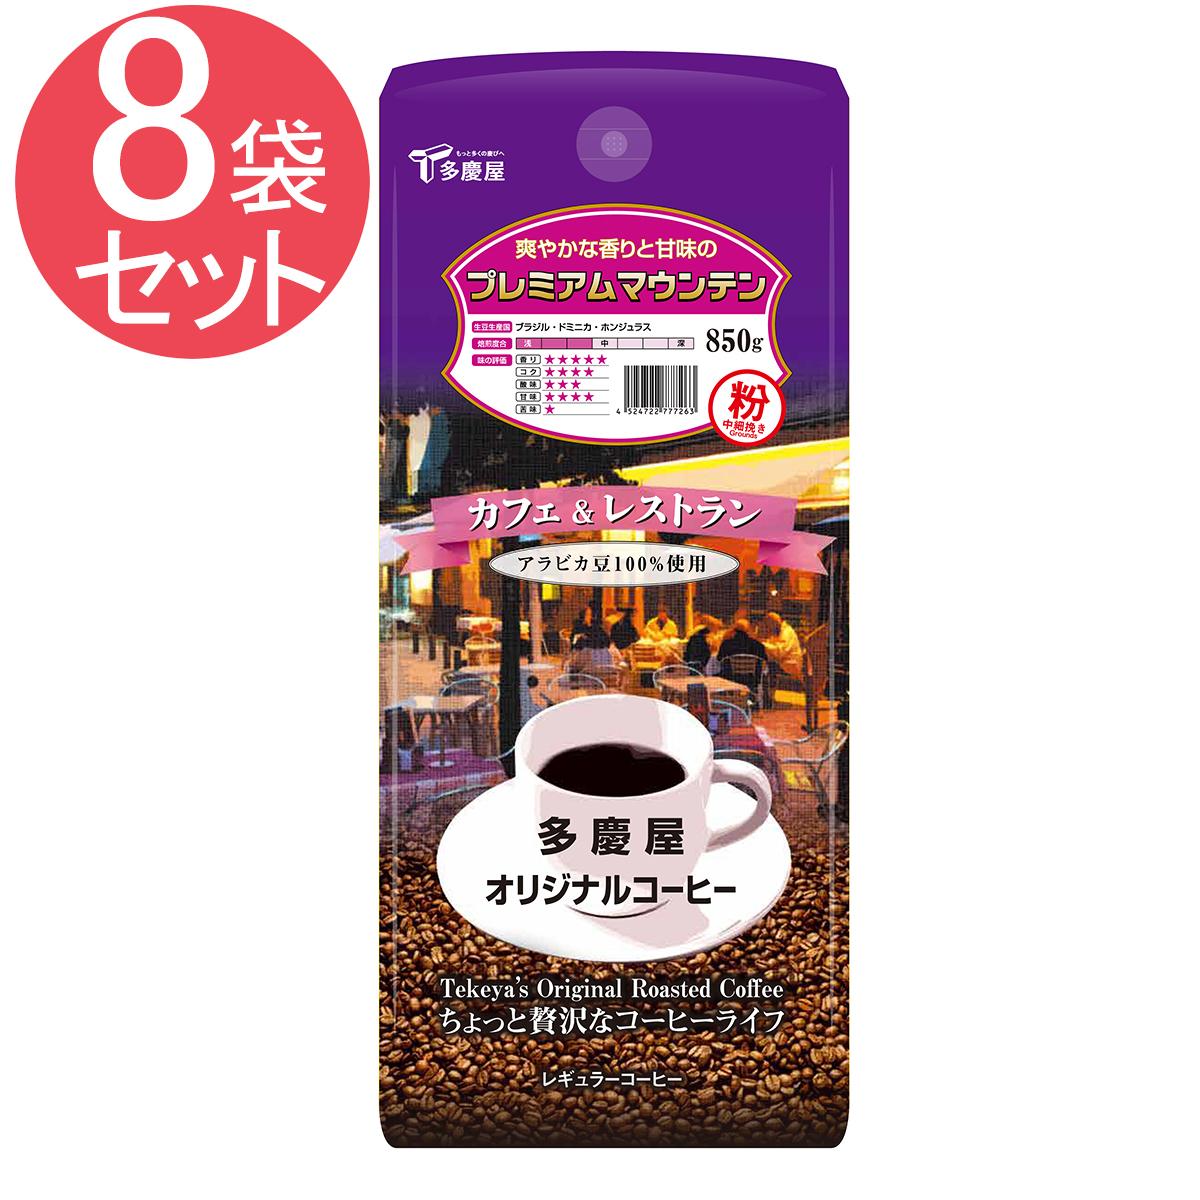 プレミアムマウンテン 粉 850g×8袋セット 多慶屋オリジナルコーヒー 【カフェ&レストラン】 コーヒー粉 レギュラーコーヒー 珈琲